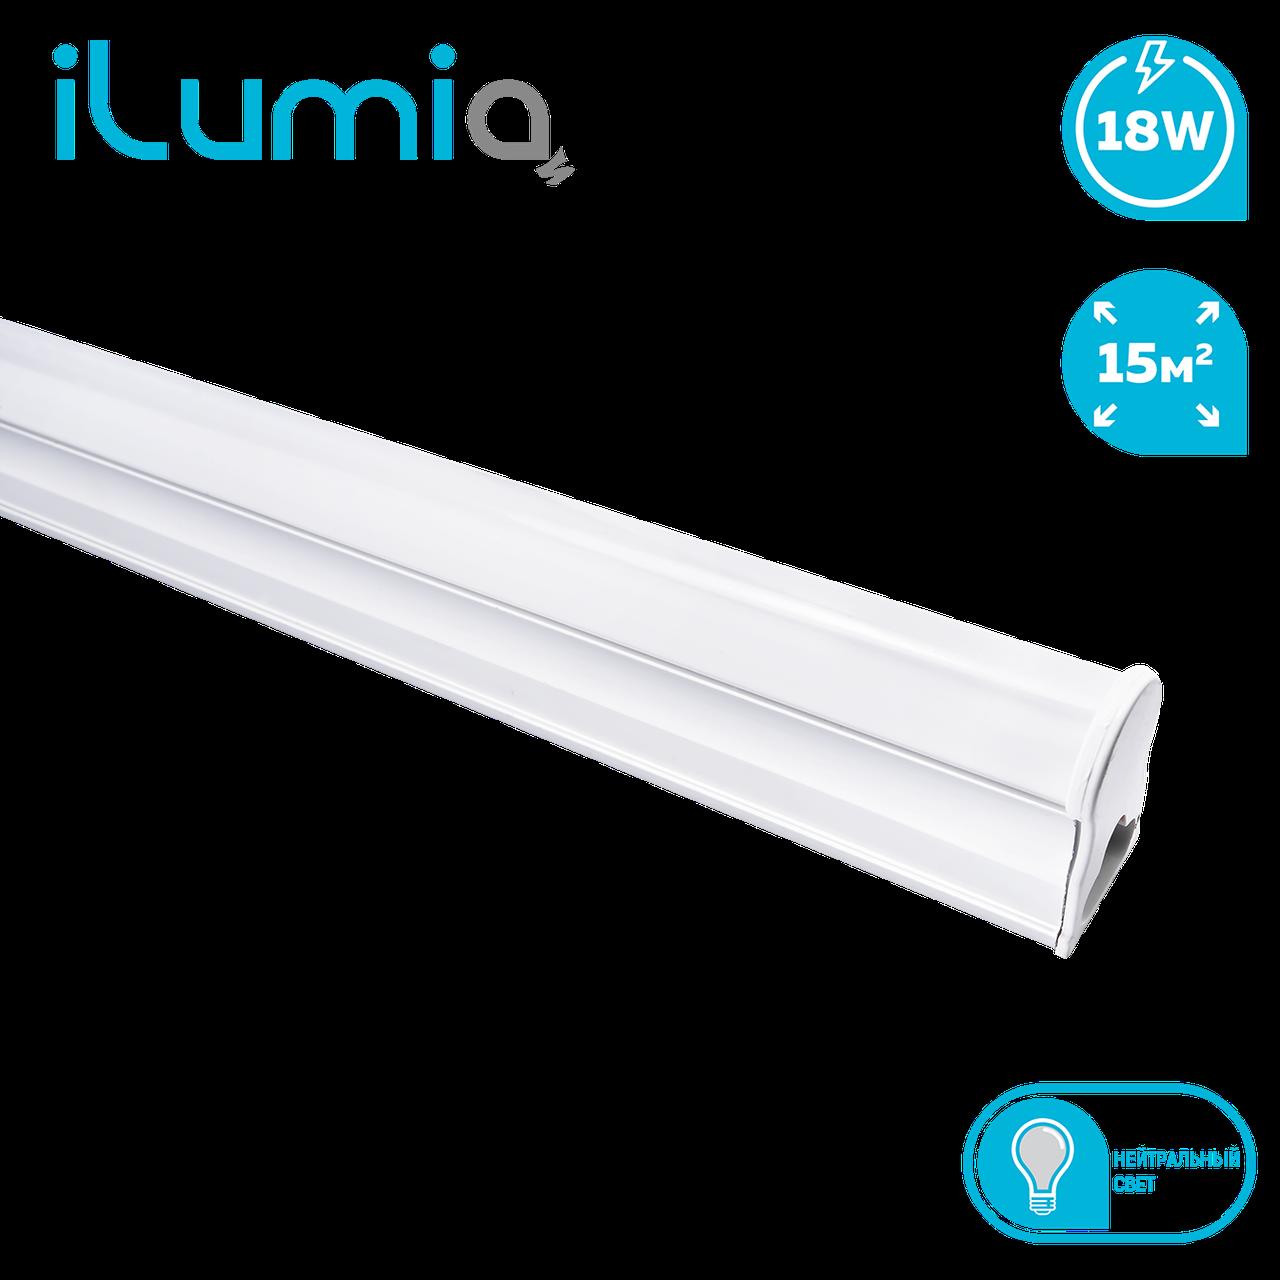 Светодиодный линейный светильник T5 Ilumia 18Вт, 1178мм, 4000К (нейтральный белый), 1500Лм (078)